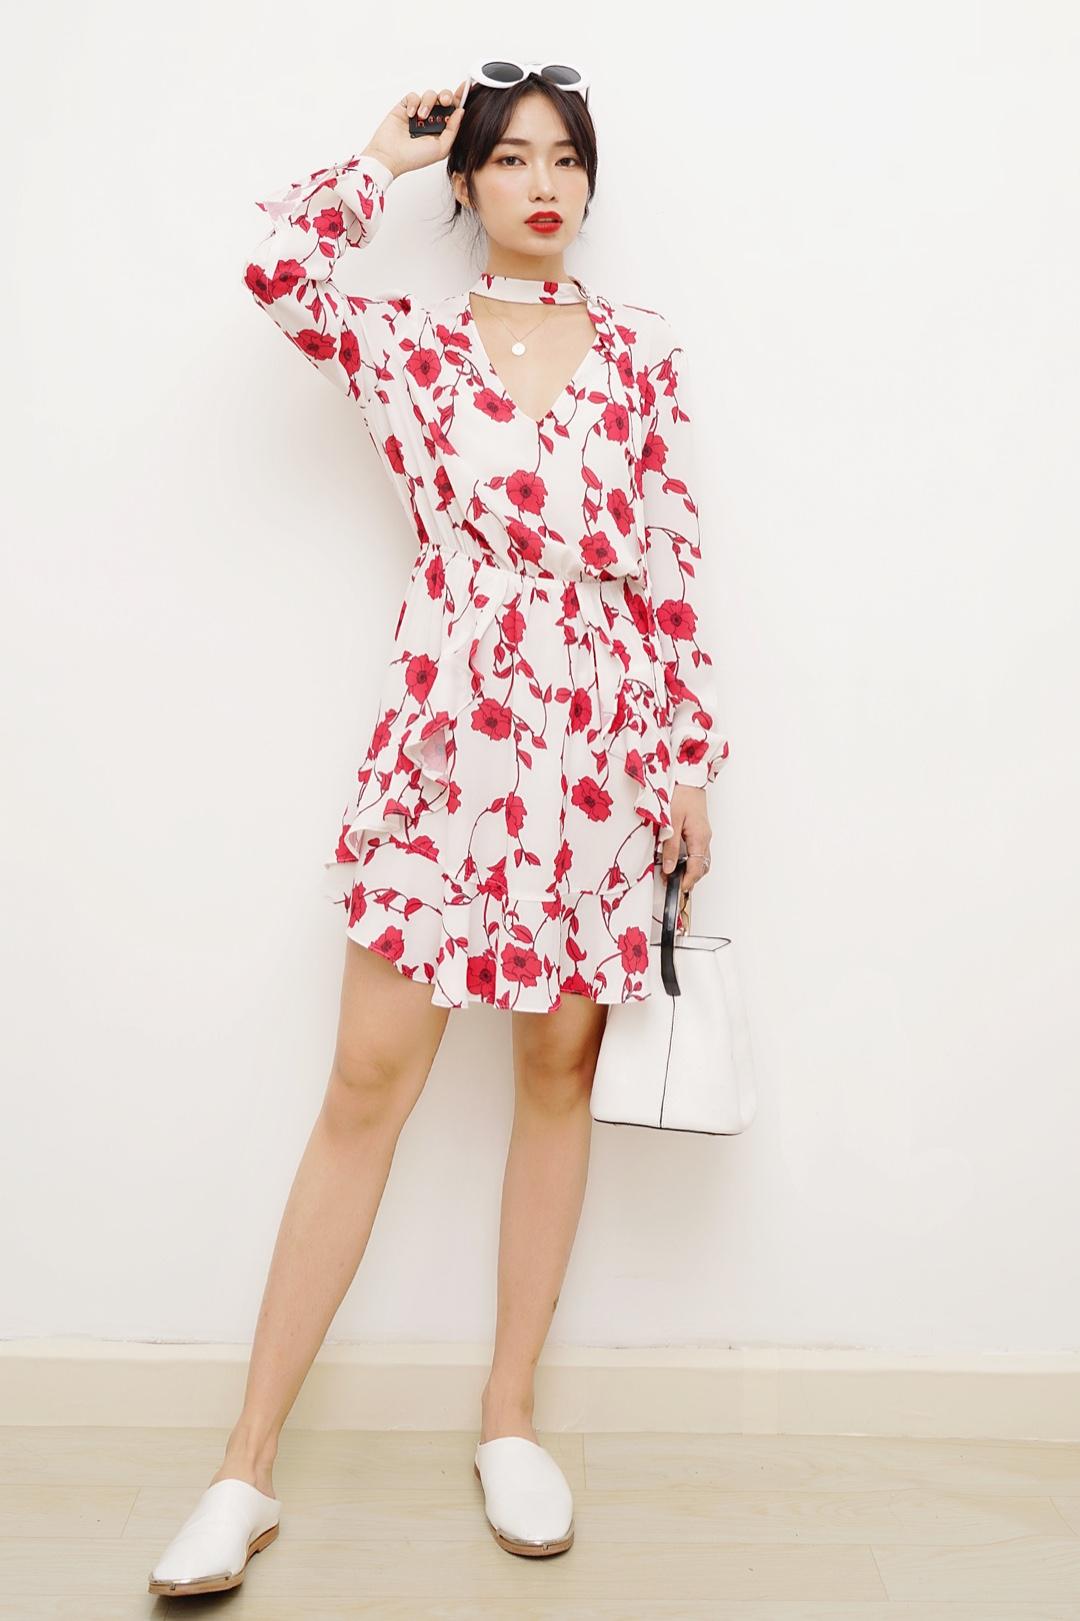 #今夏最火:法式少女风,盘它!# 今天分享一款法式度假穿搭~ 裙子白色底配上红色的花花明媚动人,裙子版型是法式度假裙,很多ins上欧美网红都有穿过,胸前深v的设计非常性感,适合平胸的妹子,画上大红唇,旅行拍照立马站C位~